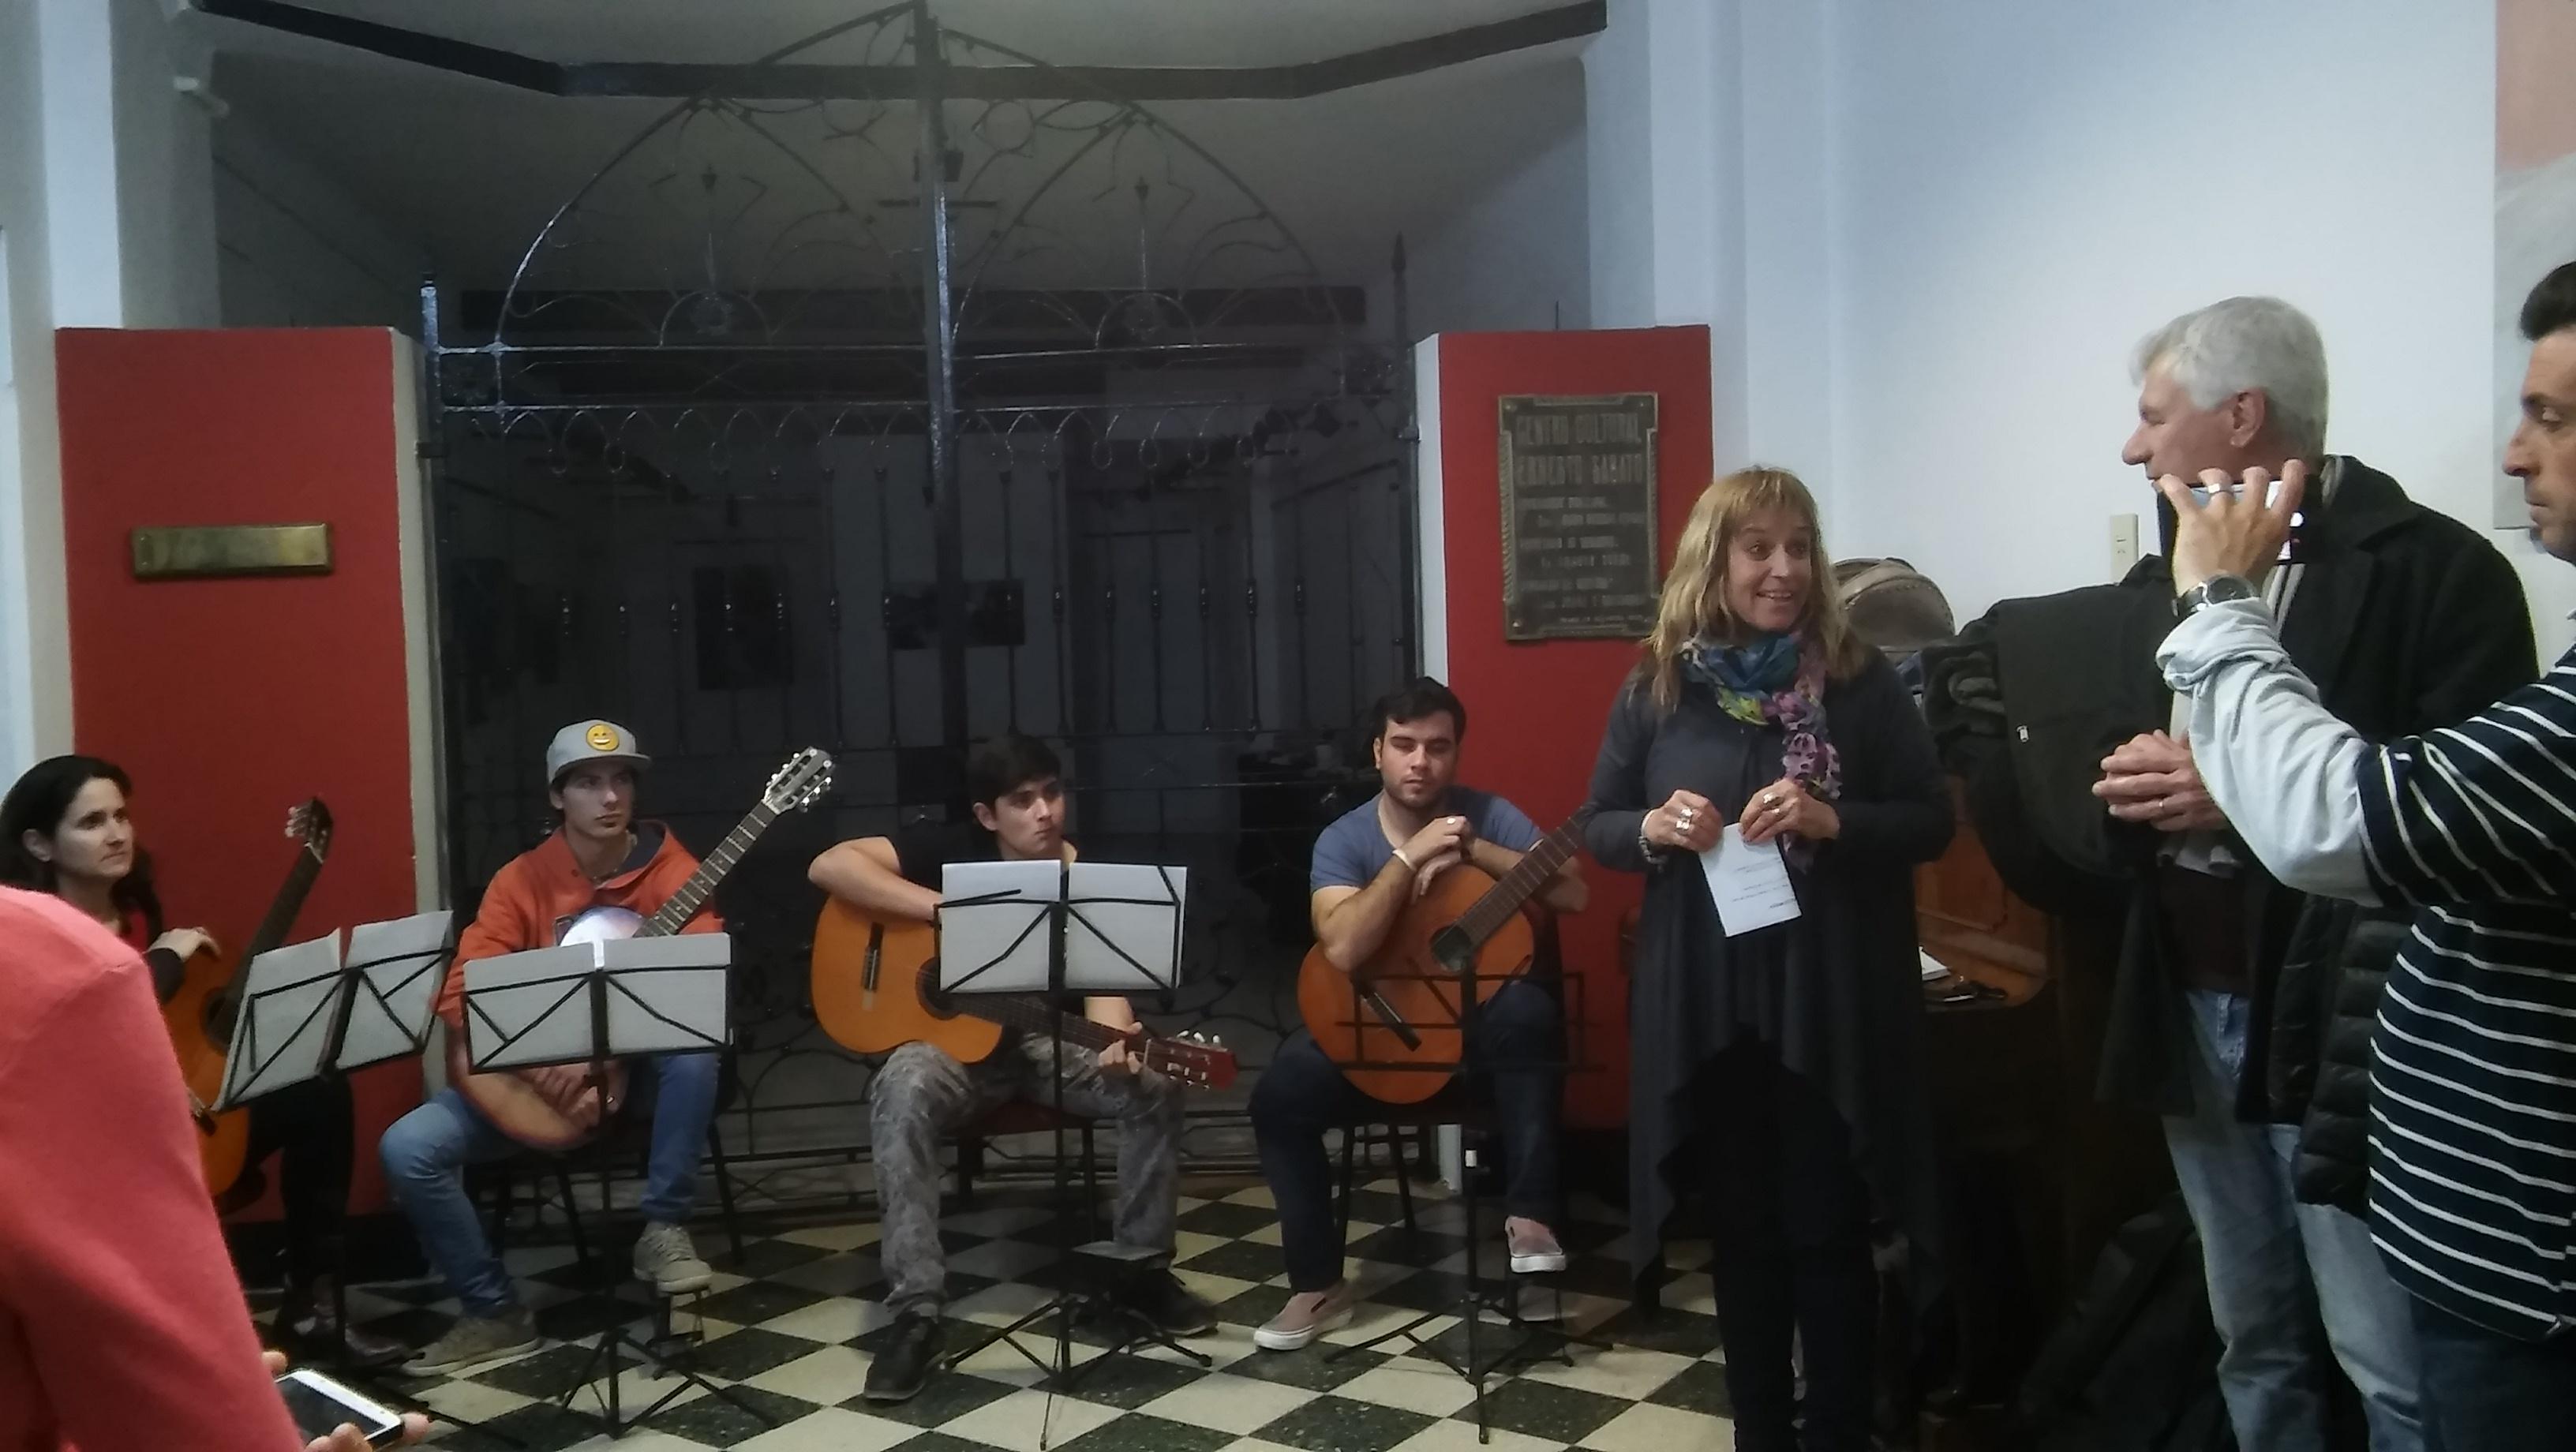 El Conservatorio Municipal de Música tendrá este miércoles 5 de diciembre su muestra de fin de año. La cita es desde las 20.30 horas en el Centro Cultural Ernesto Sábato, con entrada libre y gratuita.